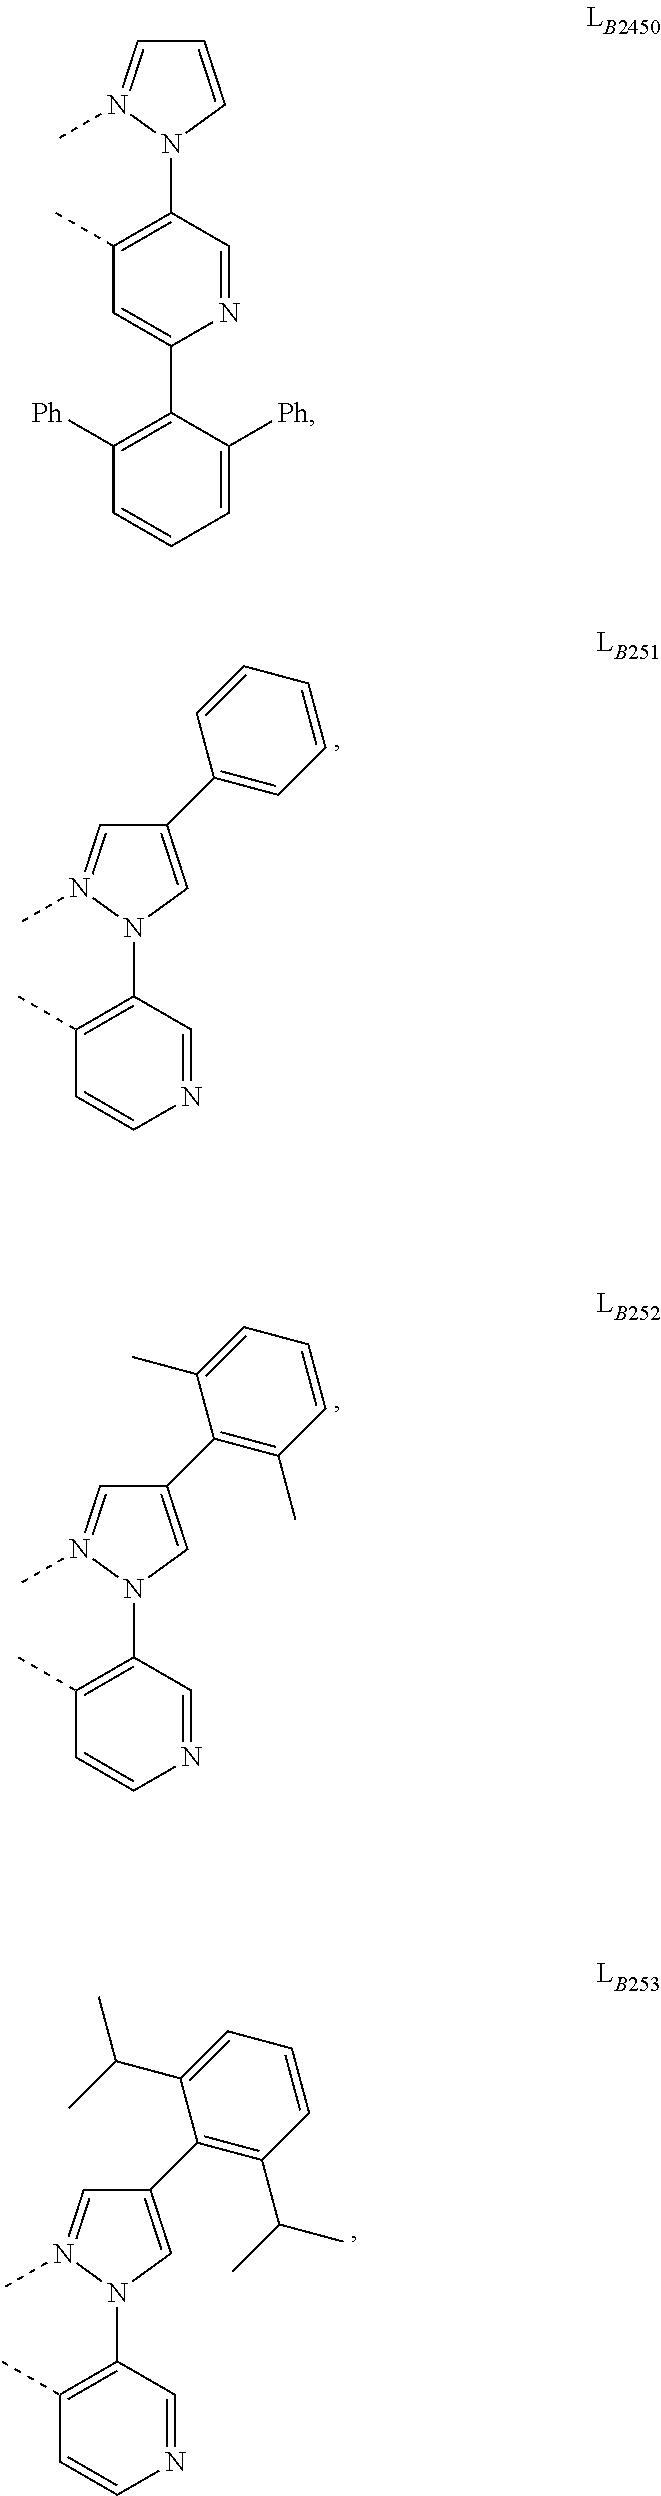 Figure US09905785-20180227-C00160